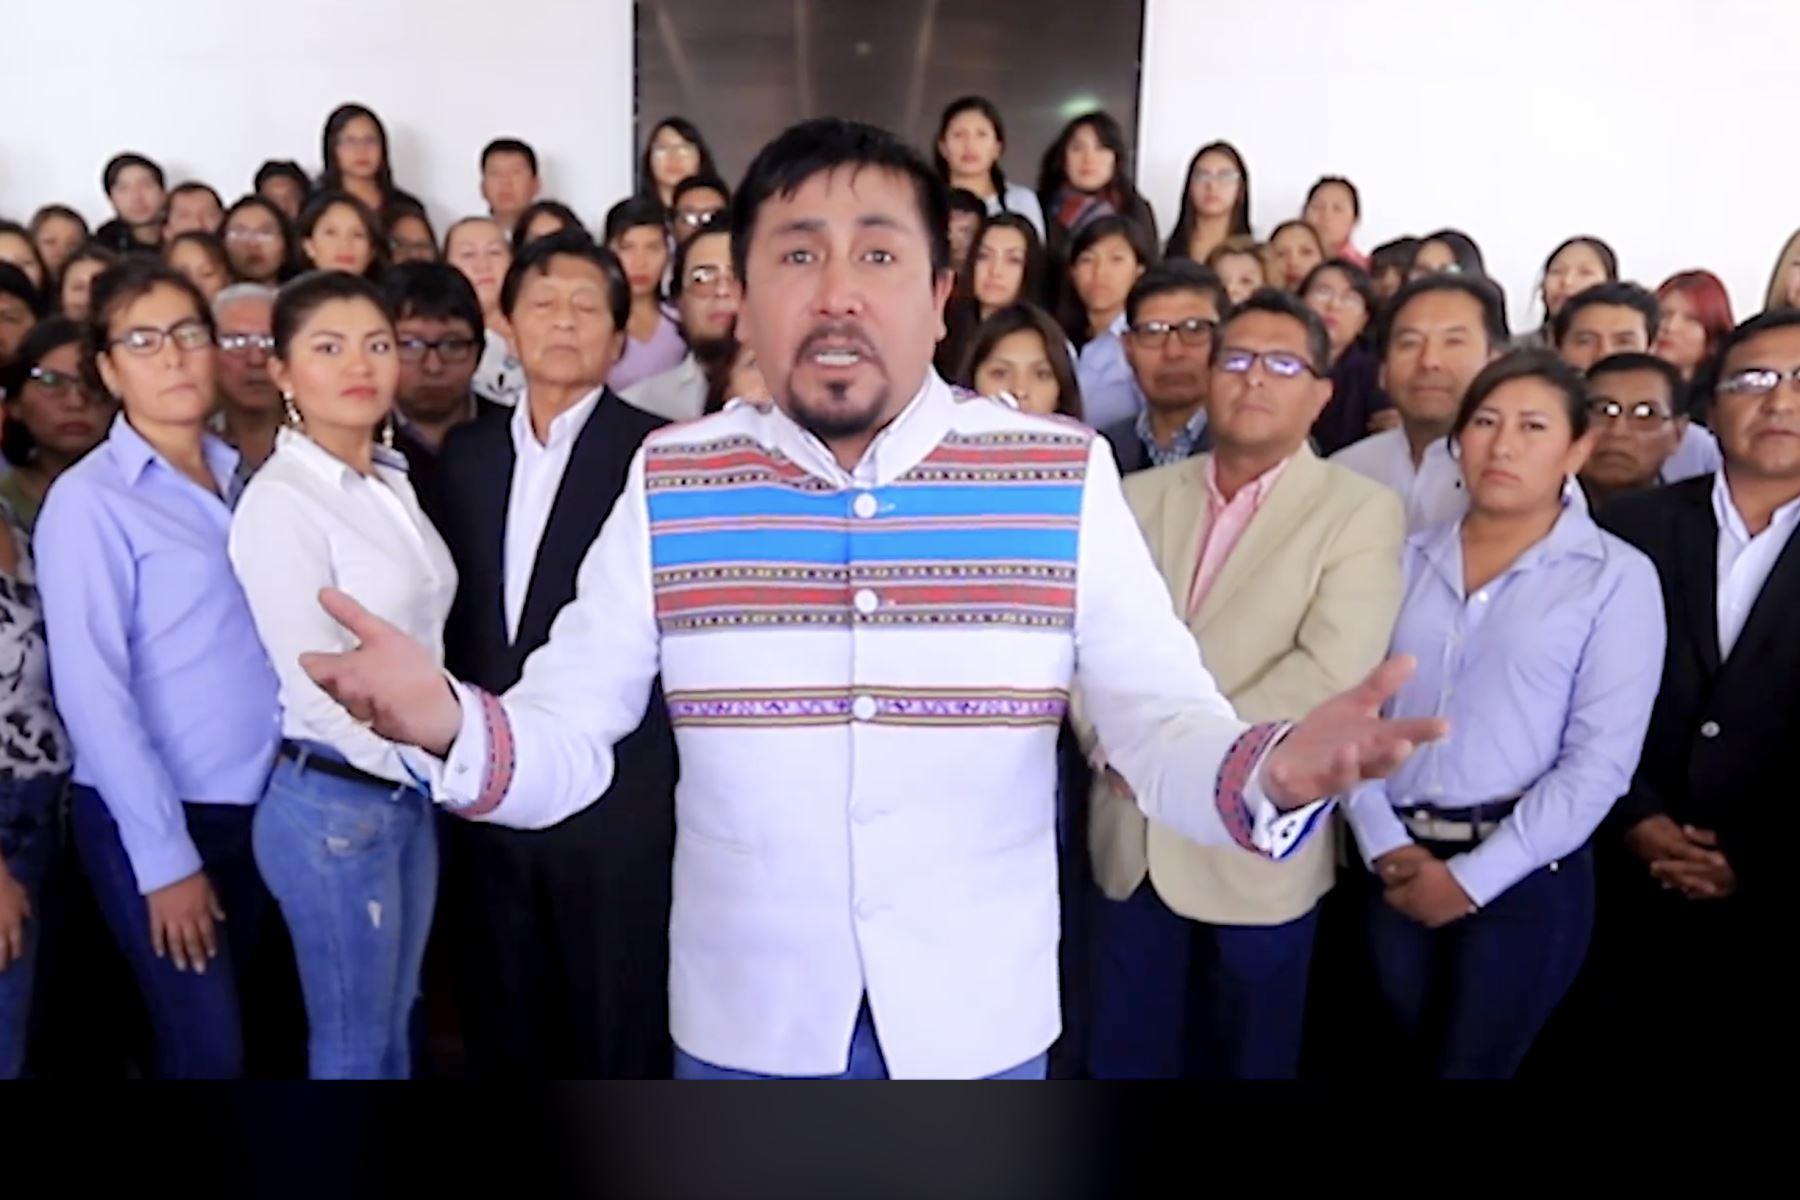 El gobernador regional de Arequipa, Elmer Cáceres, ofreció mensaje por medio de redes sociales. Foto: ANDINA/Difusión